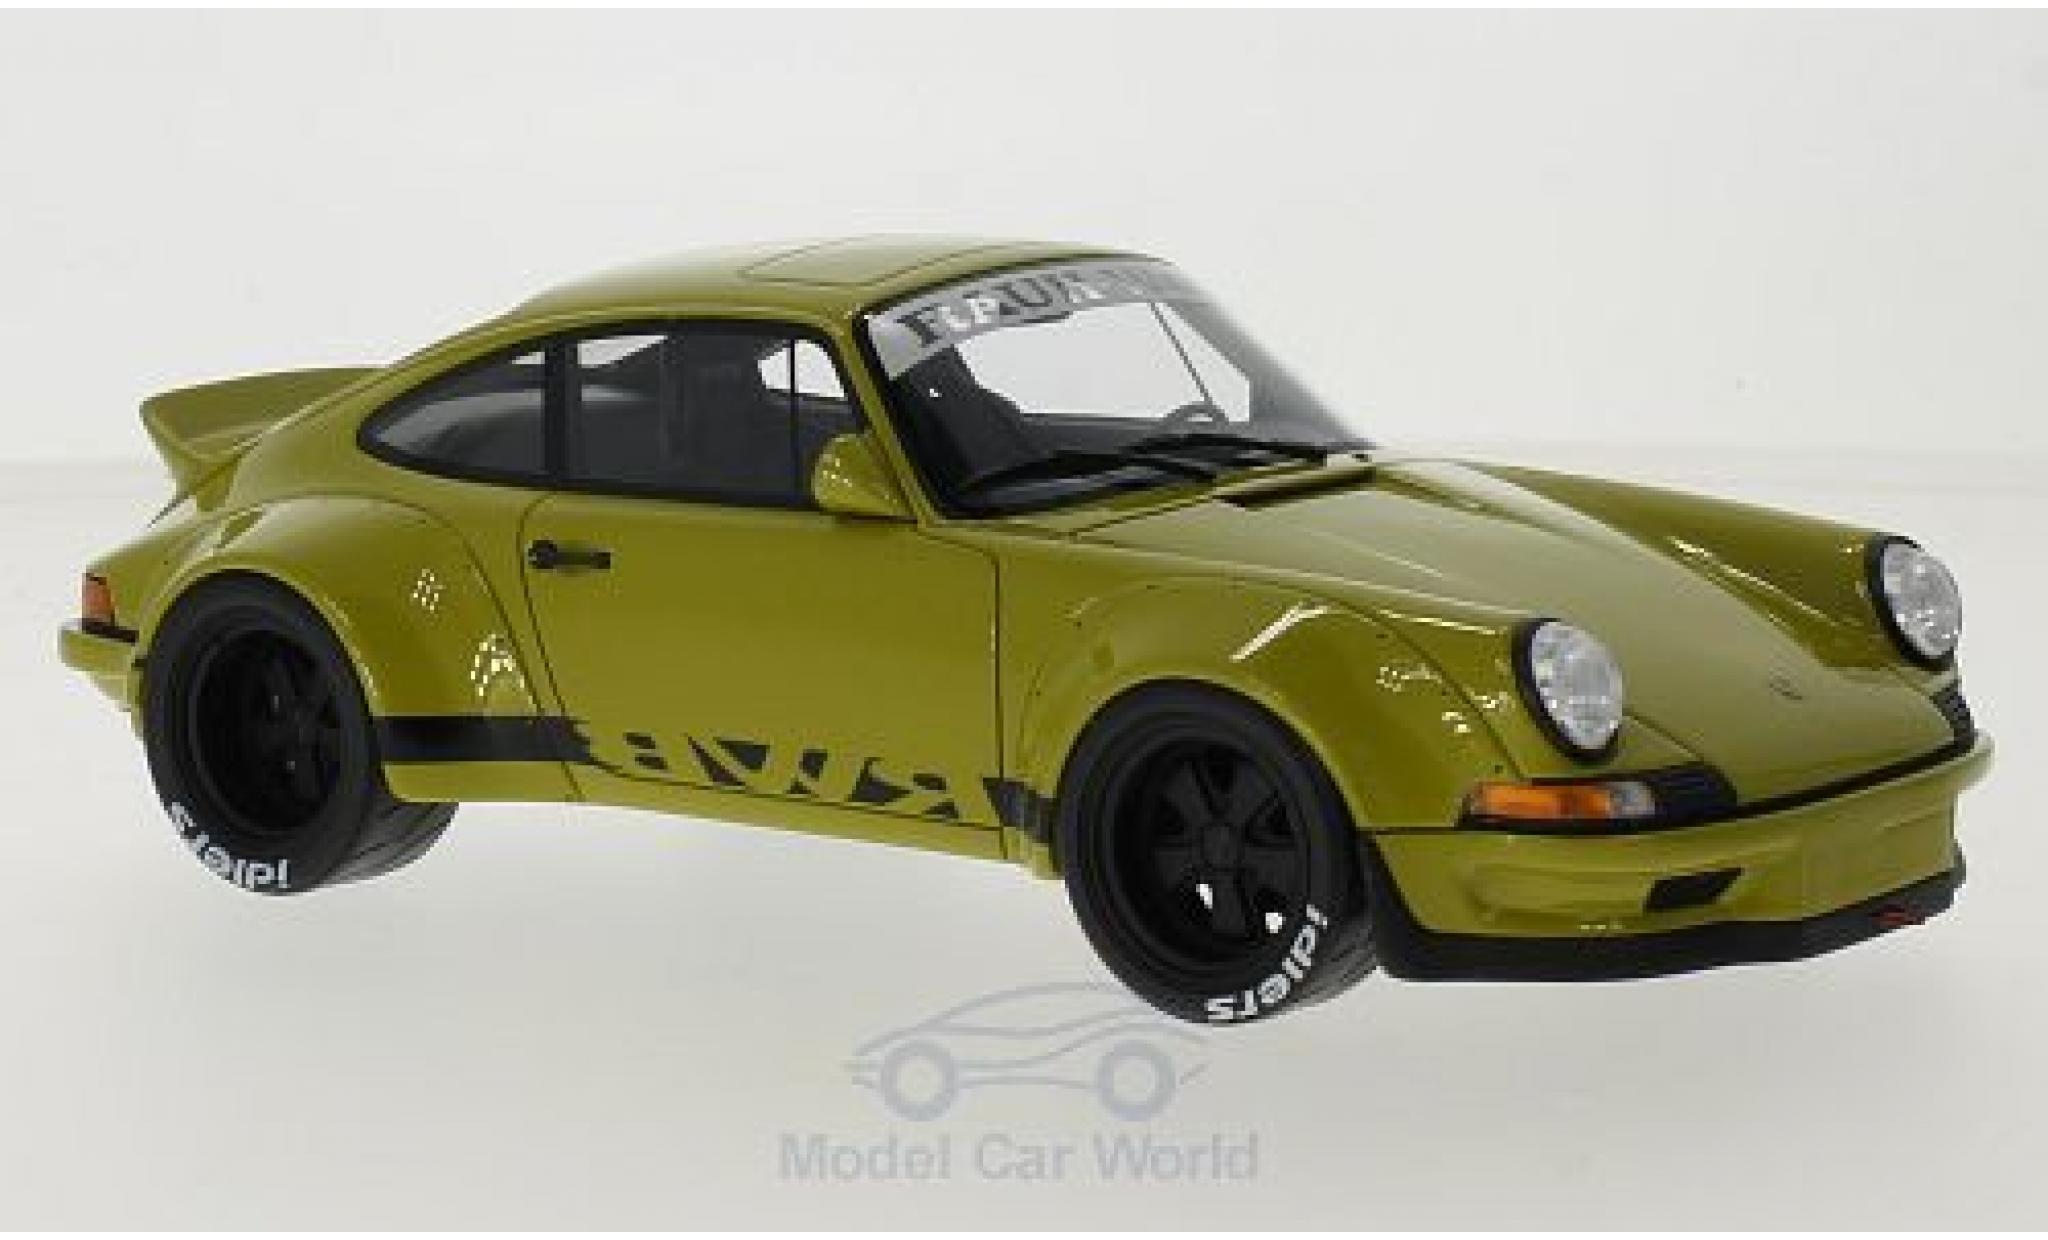 Porsche 930 RWB 1/18 GT Spirit 911  by oliv/Dekor 1973